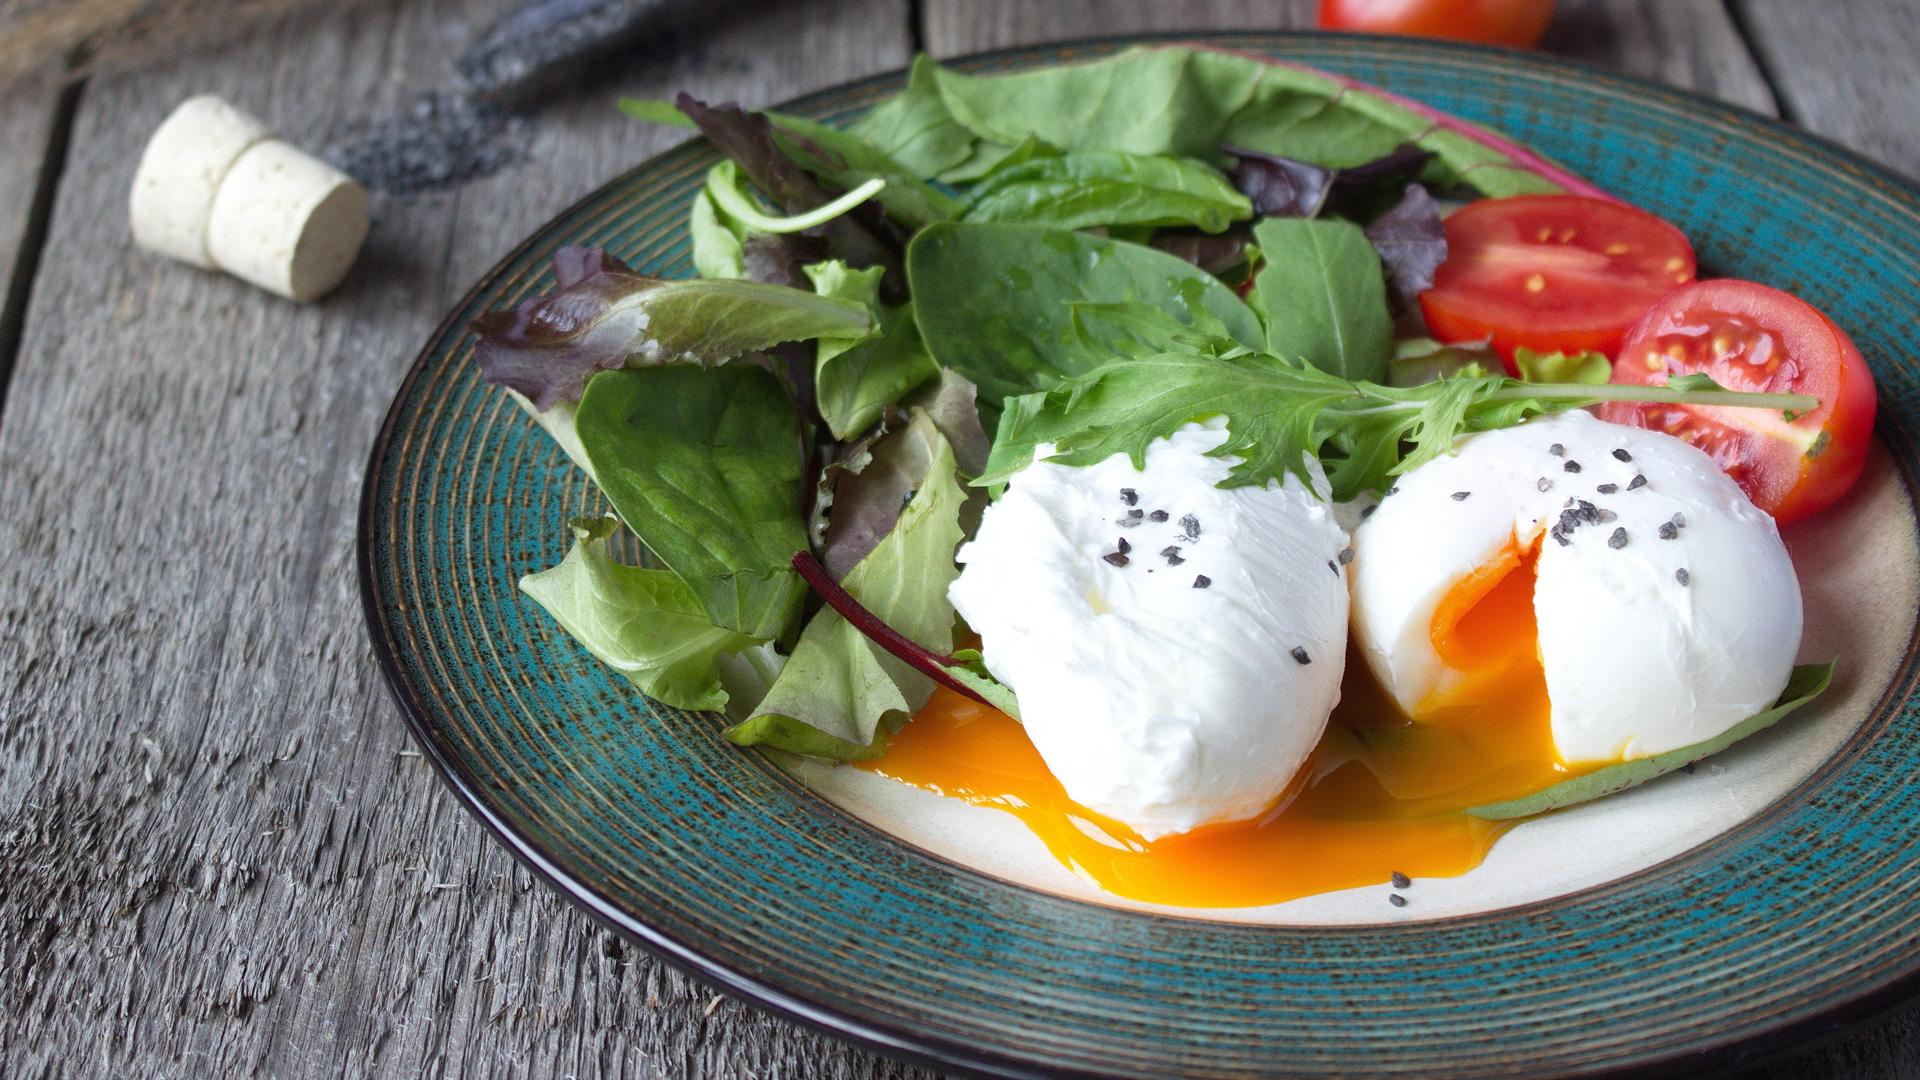 Oeufs pochés sur la plaque avec salade verte et tomates